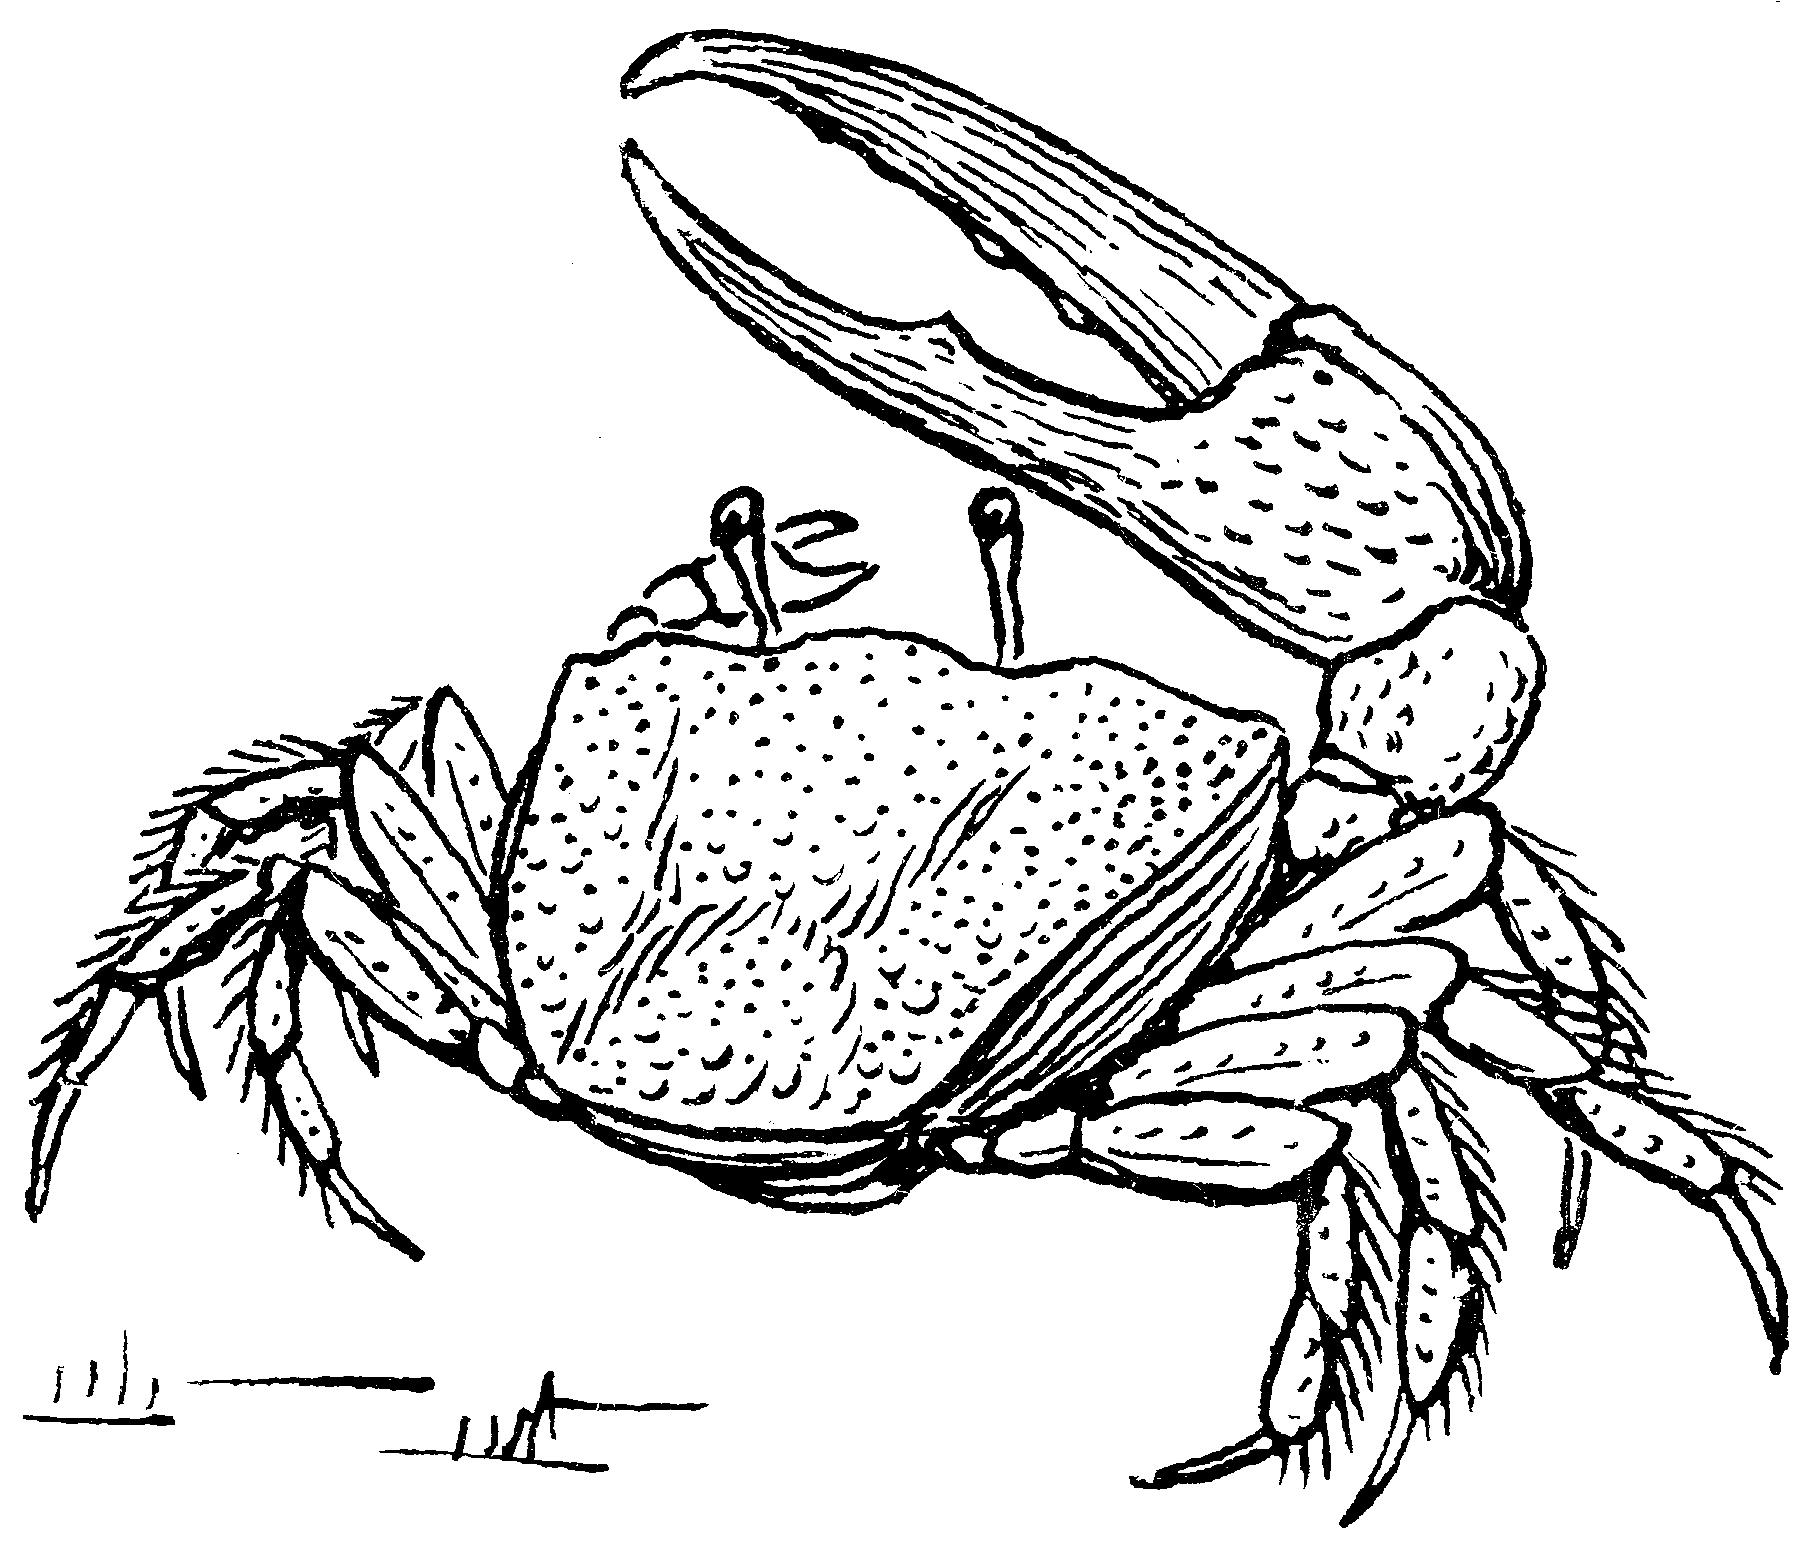 Fiddler Crab Drawing Fiddler_crab_2_(psf